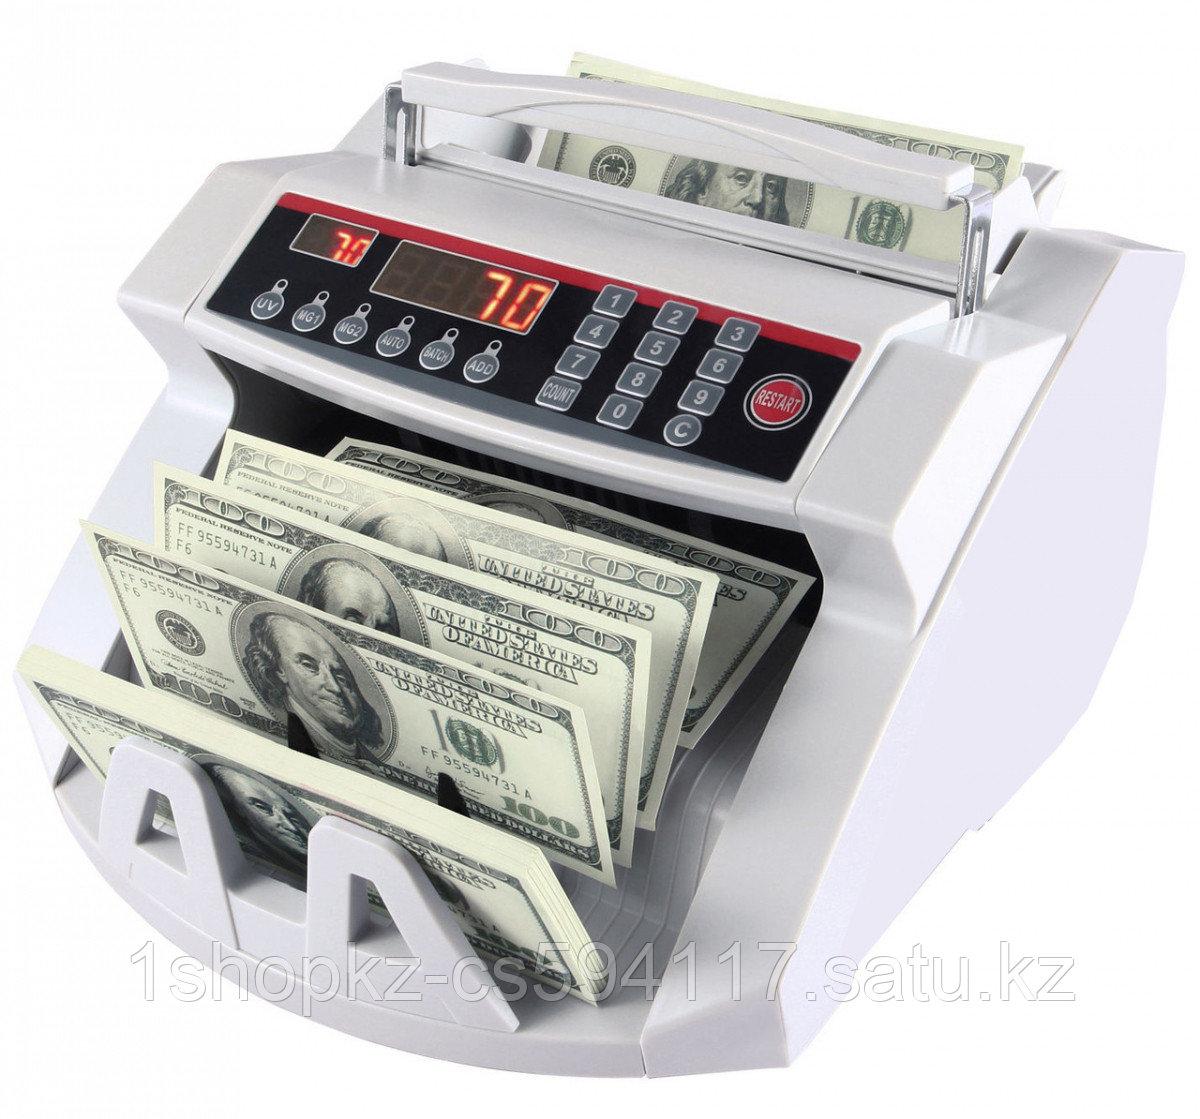 Счетчик банкнот bill counter 2108 c детектором uv   cчетная машинка + детектор валют